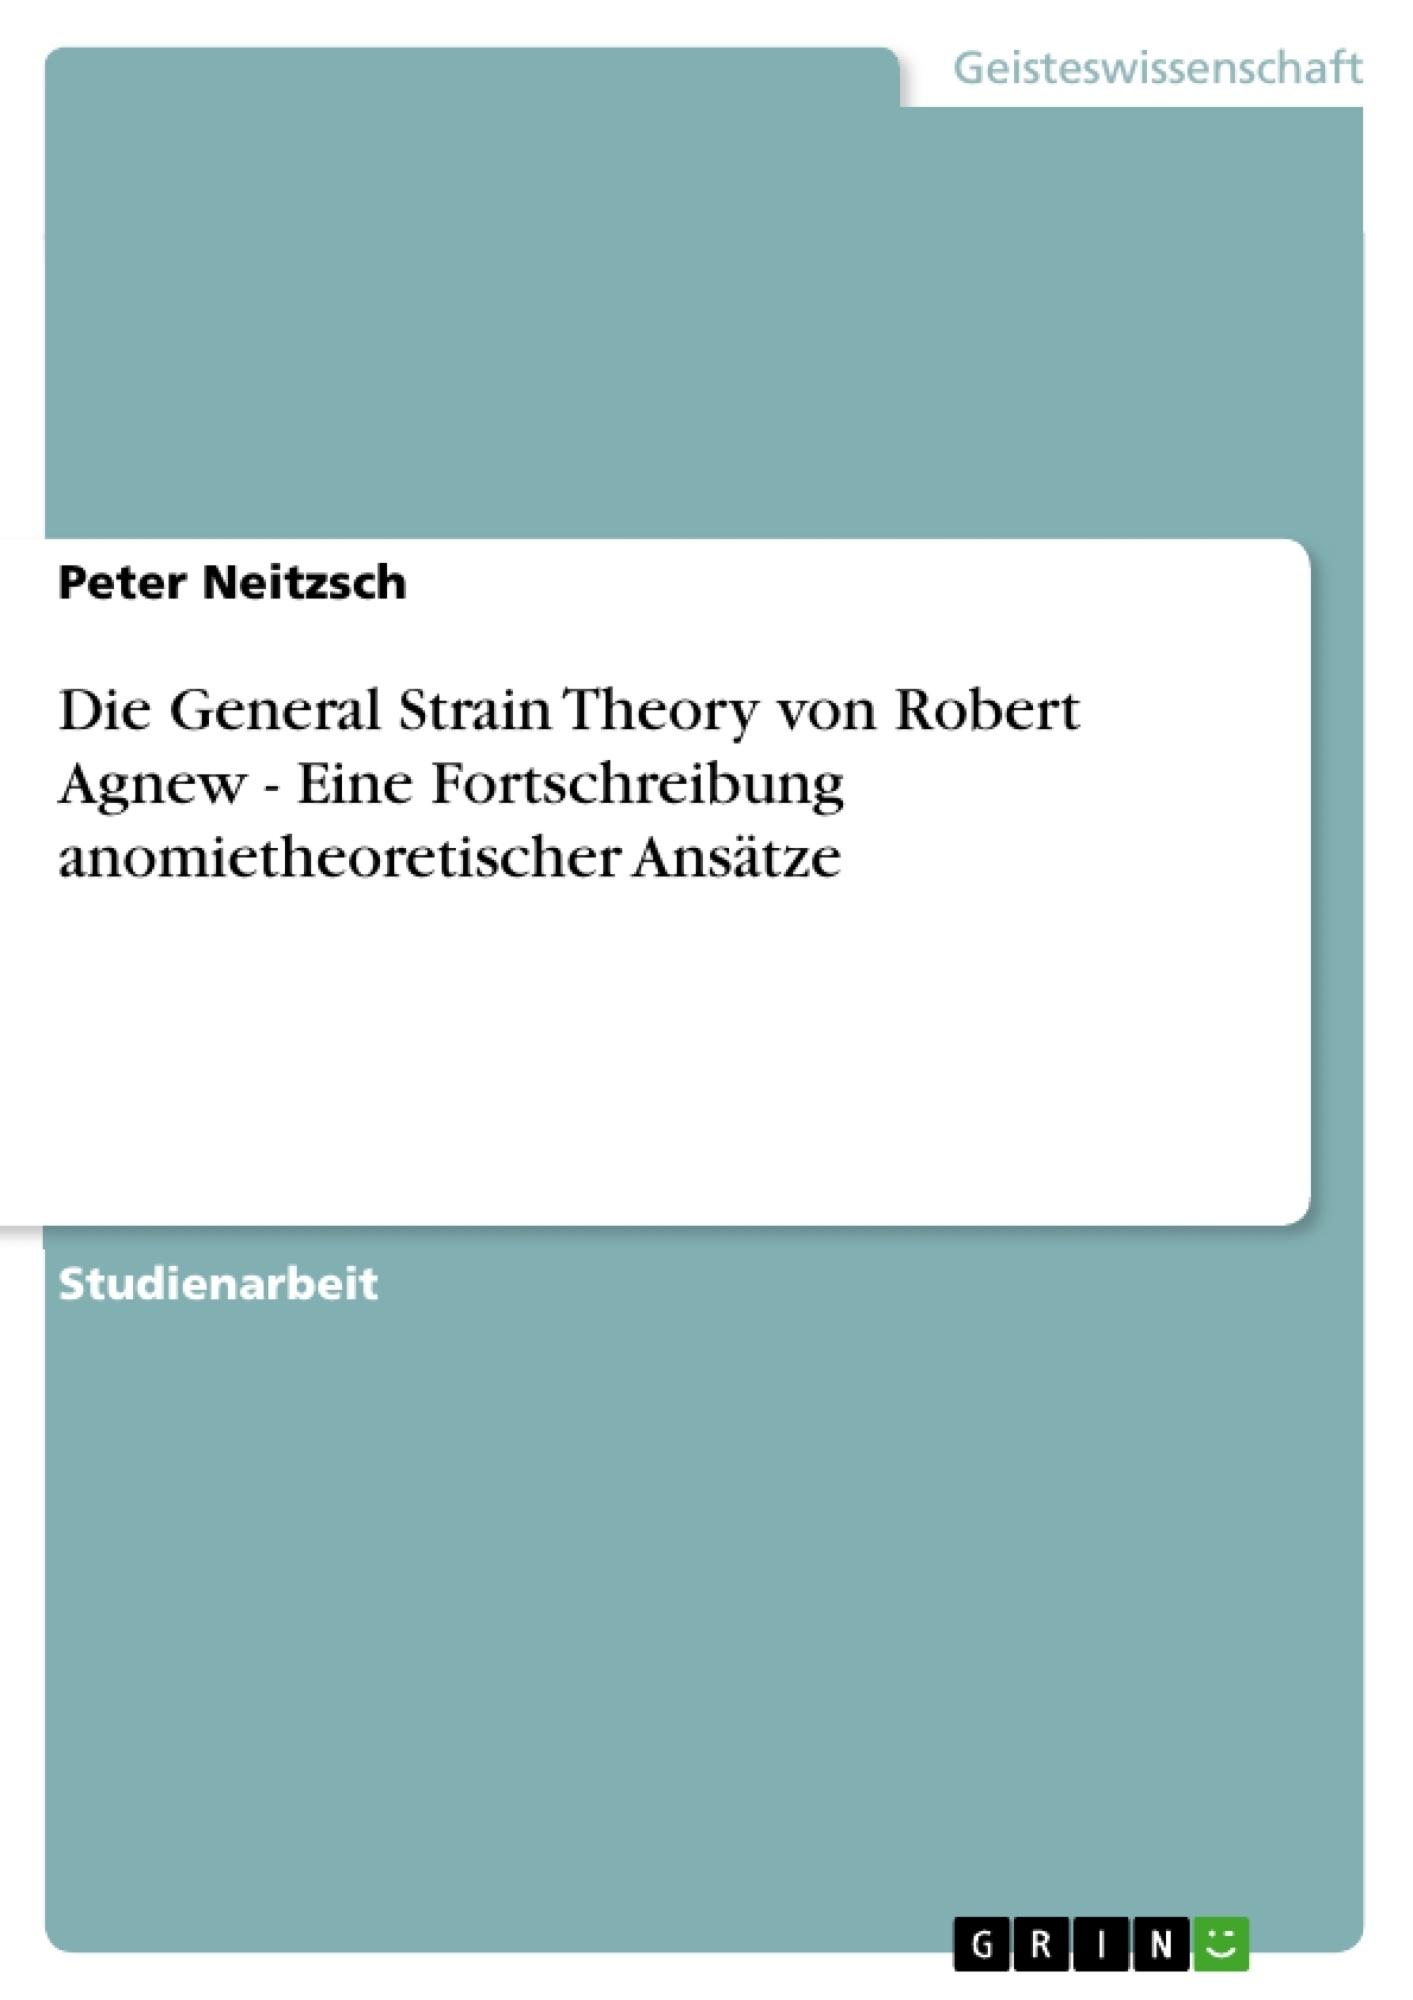 Titel: Die General Strain Theory von Robert Agnew - Eine Fortschreibung anomietheoretischer Ansätze